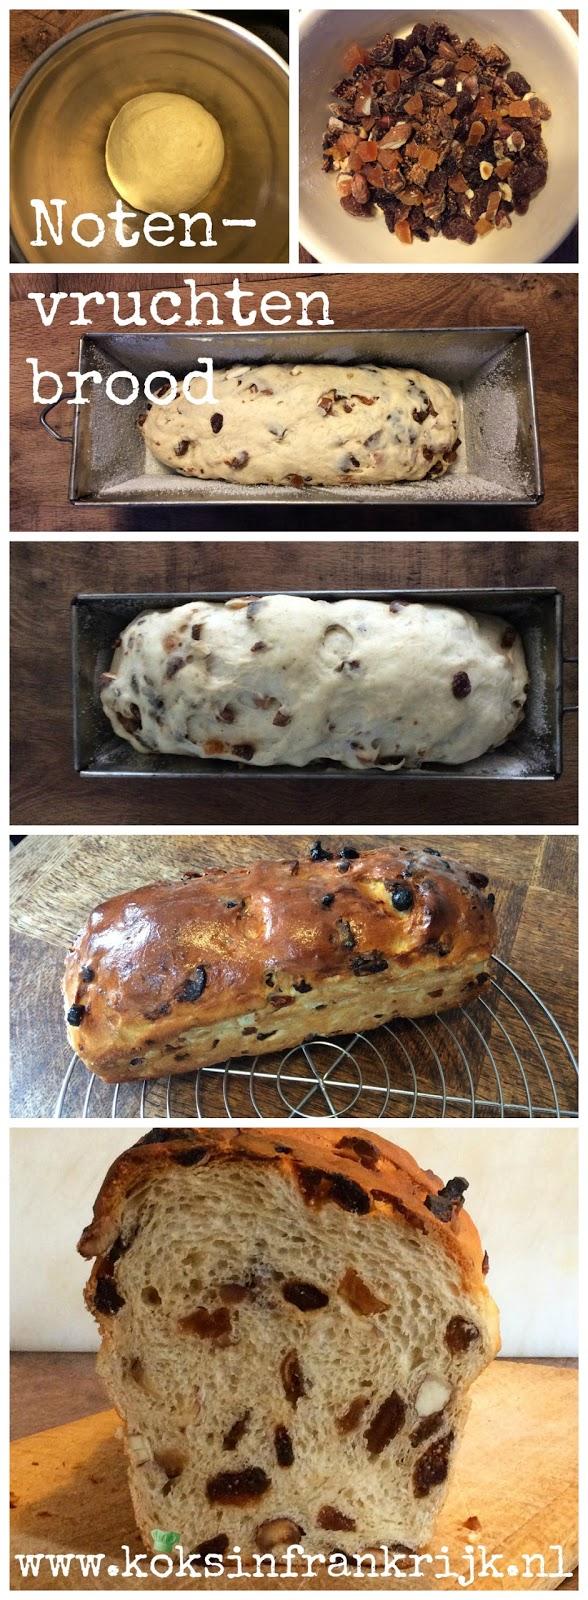 Zelf noten-vruchtenbrood bakken